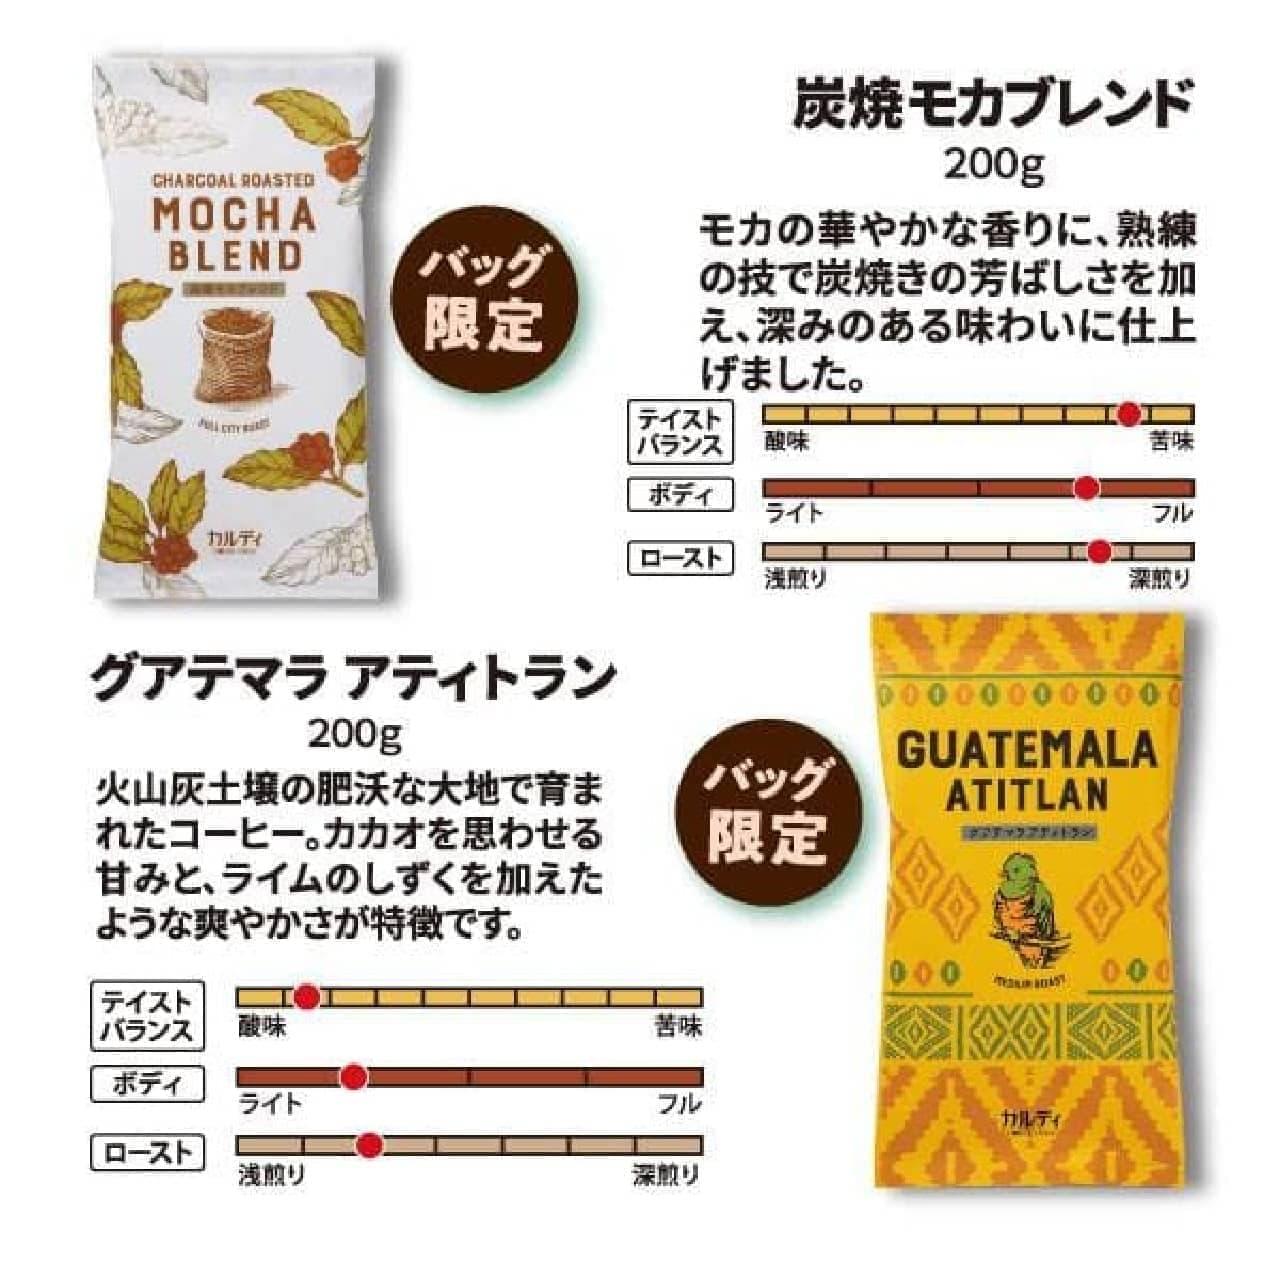 カルディ「コーヒーの日バッグ」コーヒー豆3種とワンショルダートートのセット